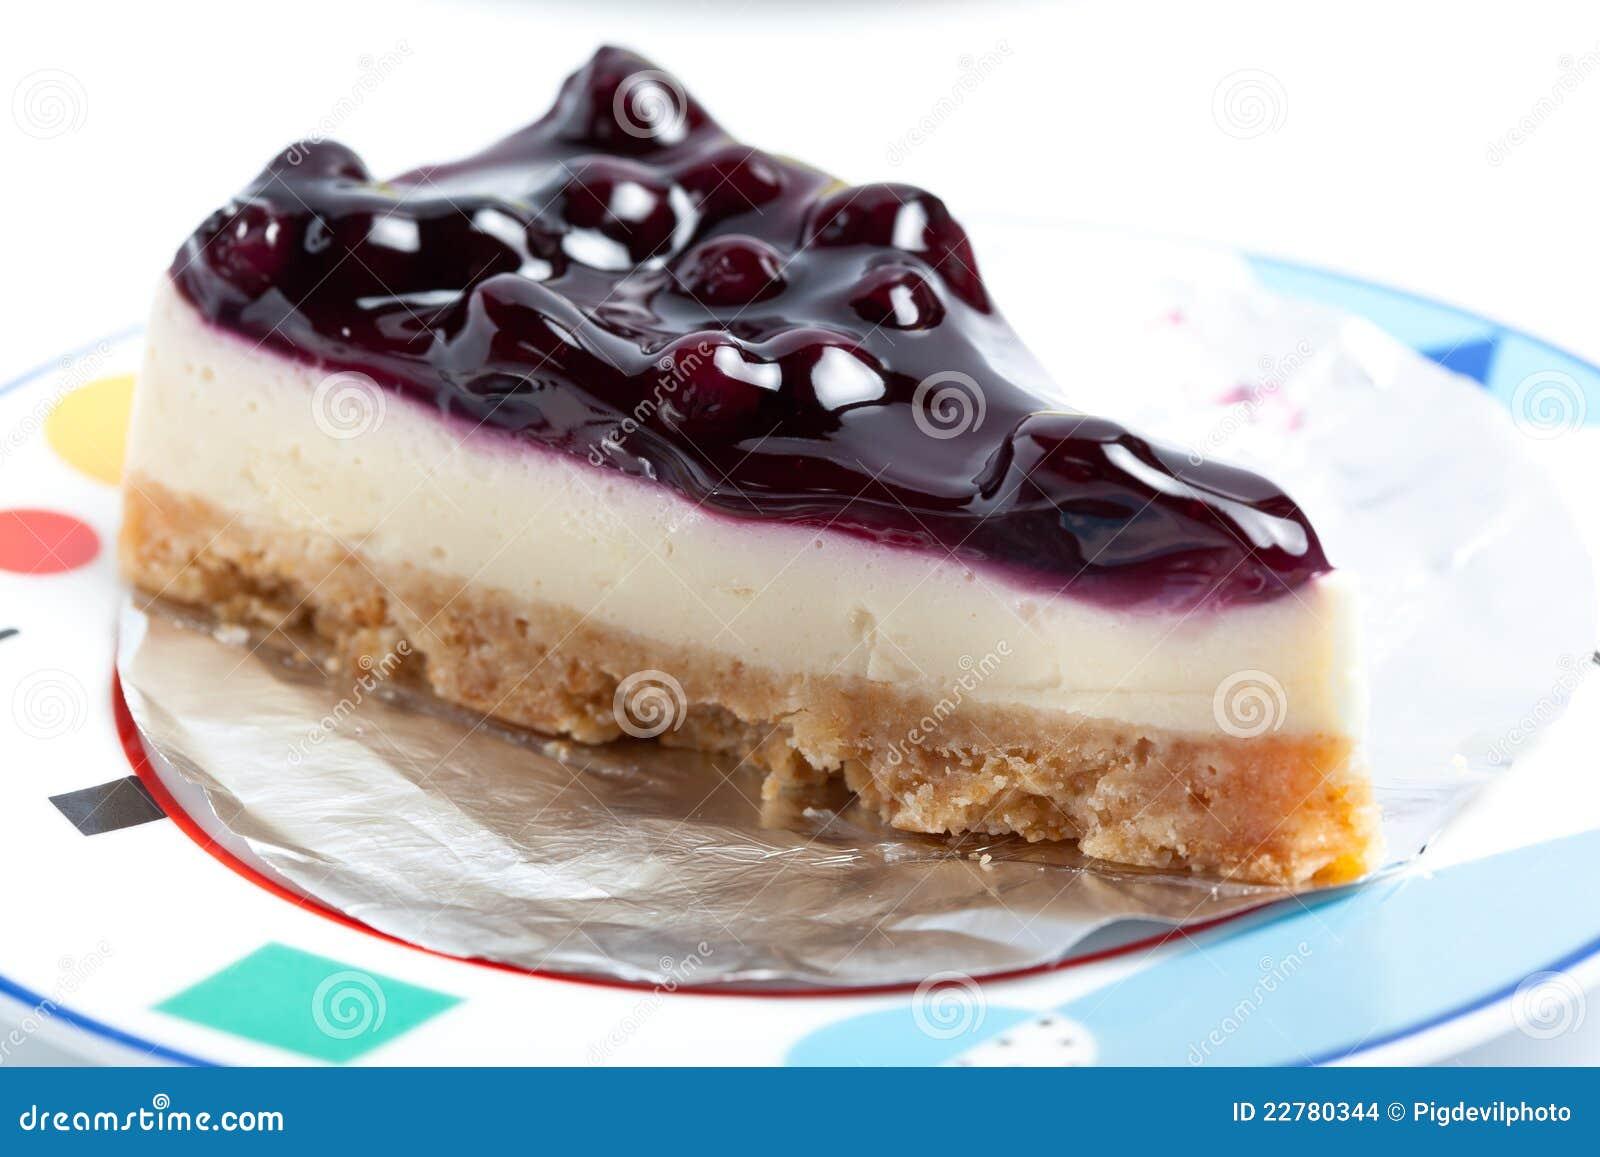 Blueberry Cheesecake Stock Photo Image Of Fruit